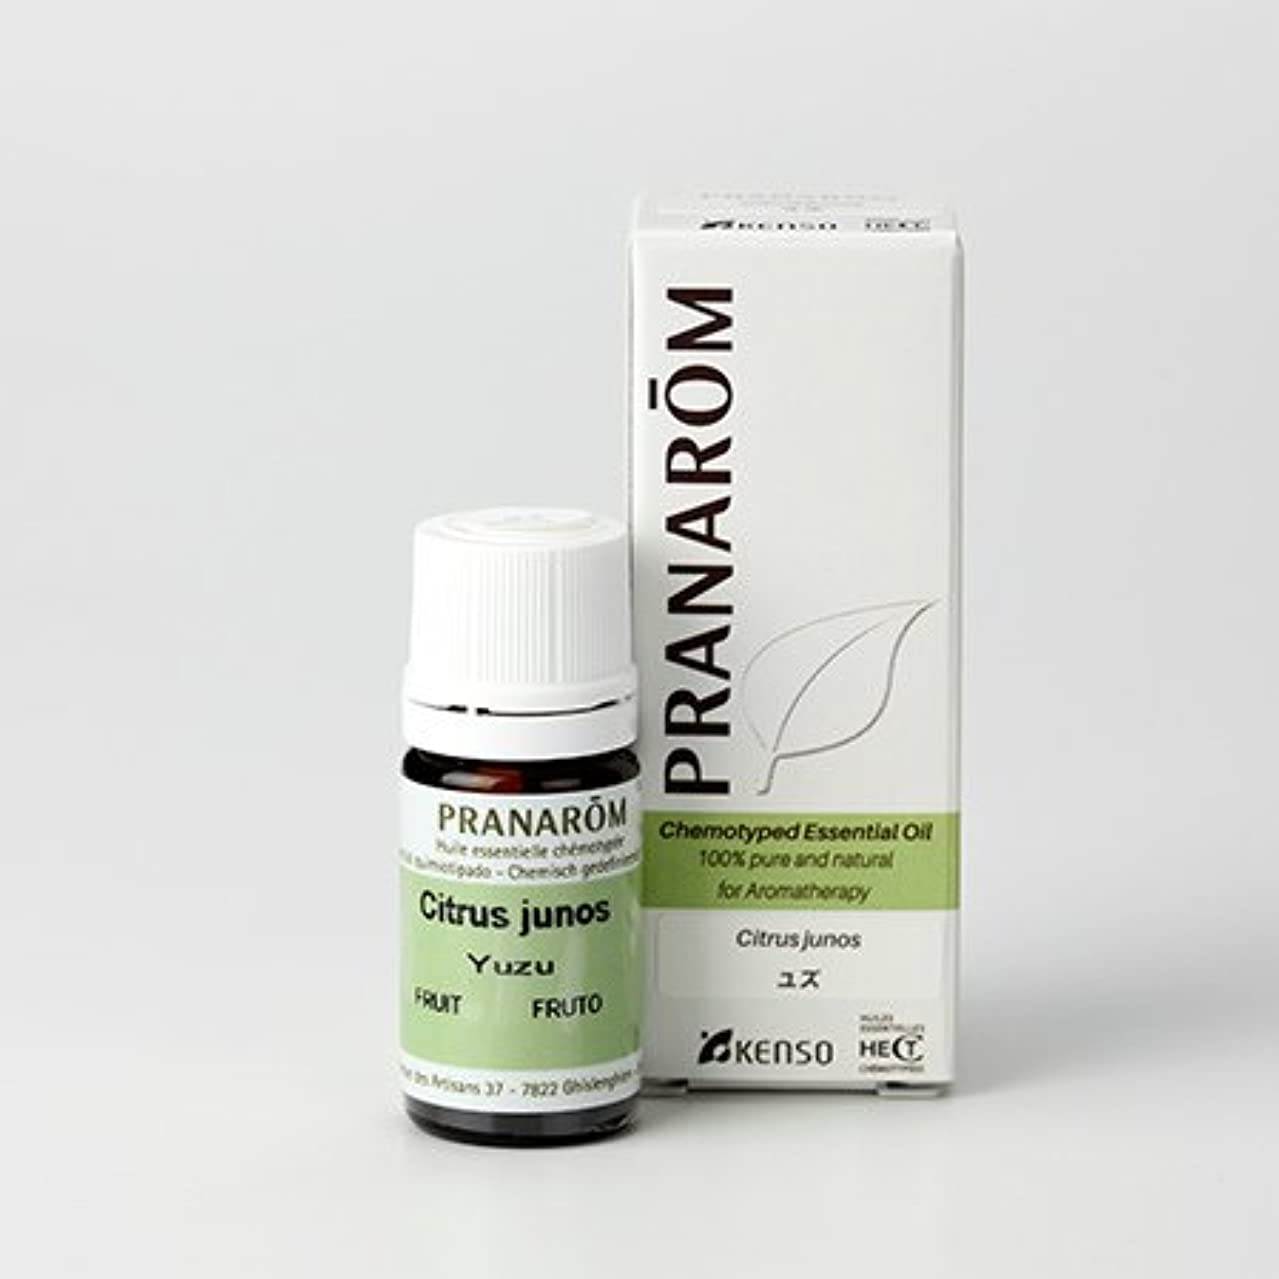 招待ずんぐりした対応プラナロム ユズ 5ml (PRANAROM ケモタイプ精油)